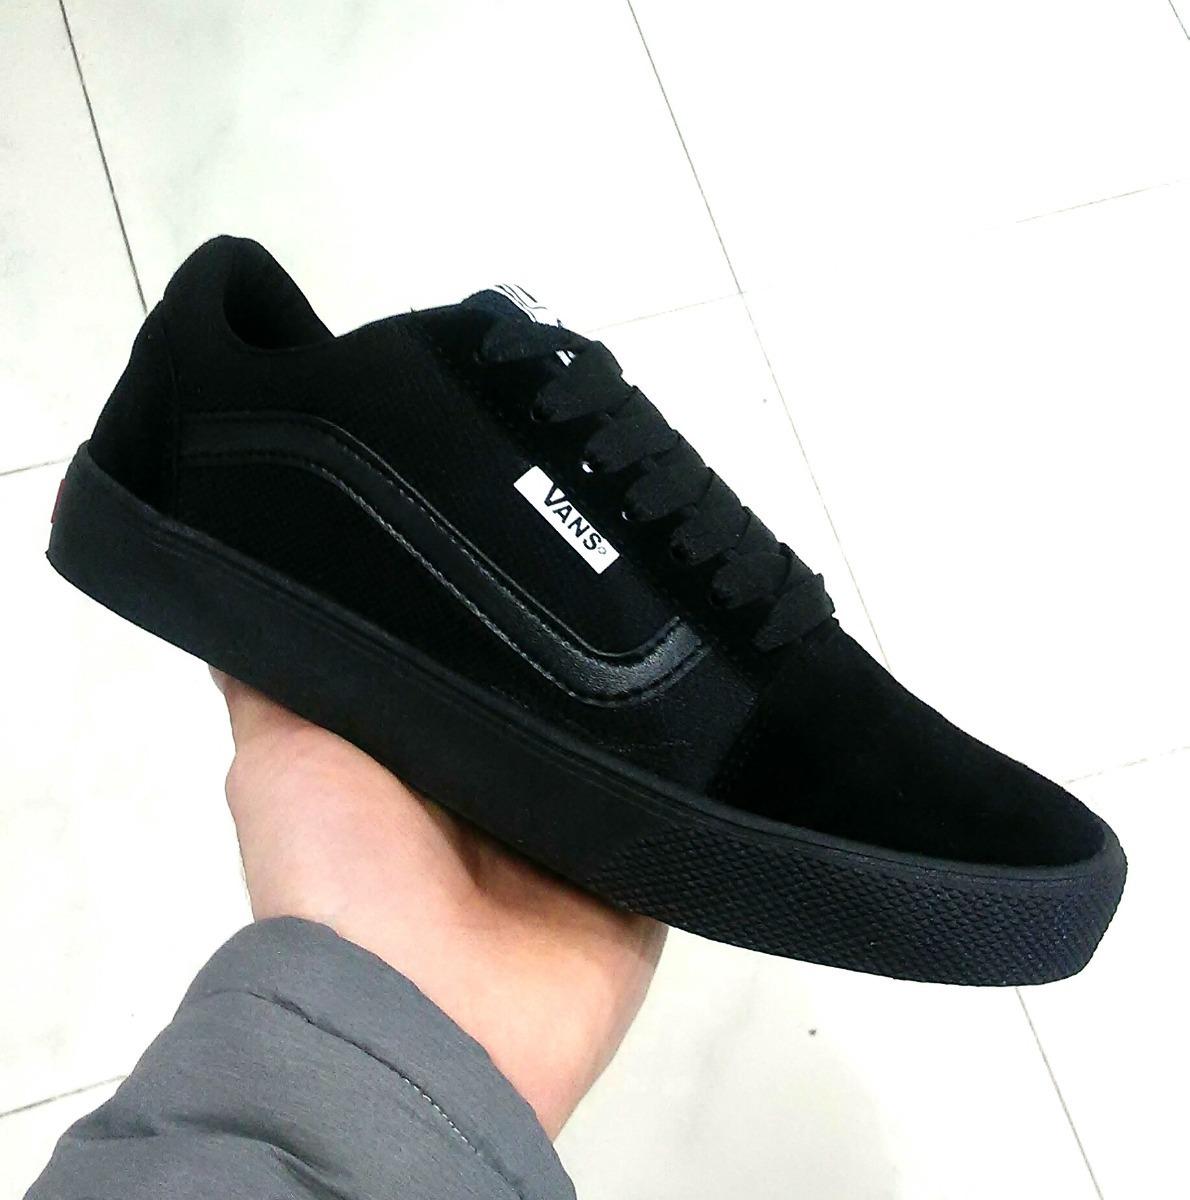 2vans hombre sneakers